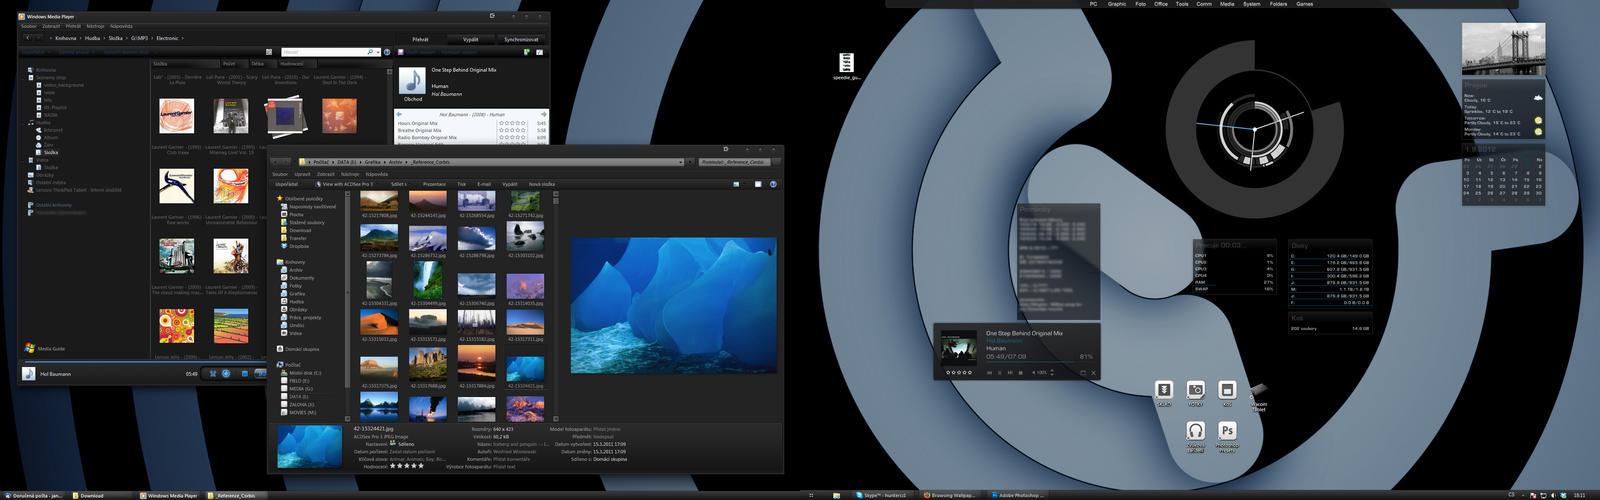 2012 desktop by hunterkiller